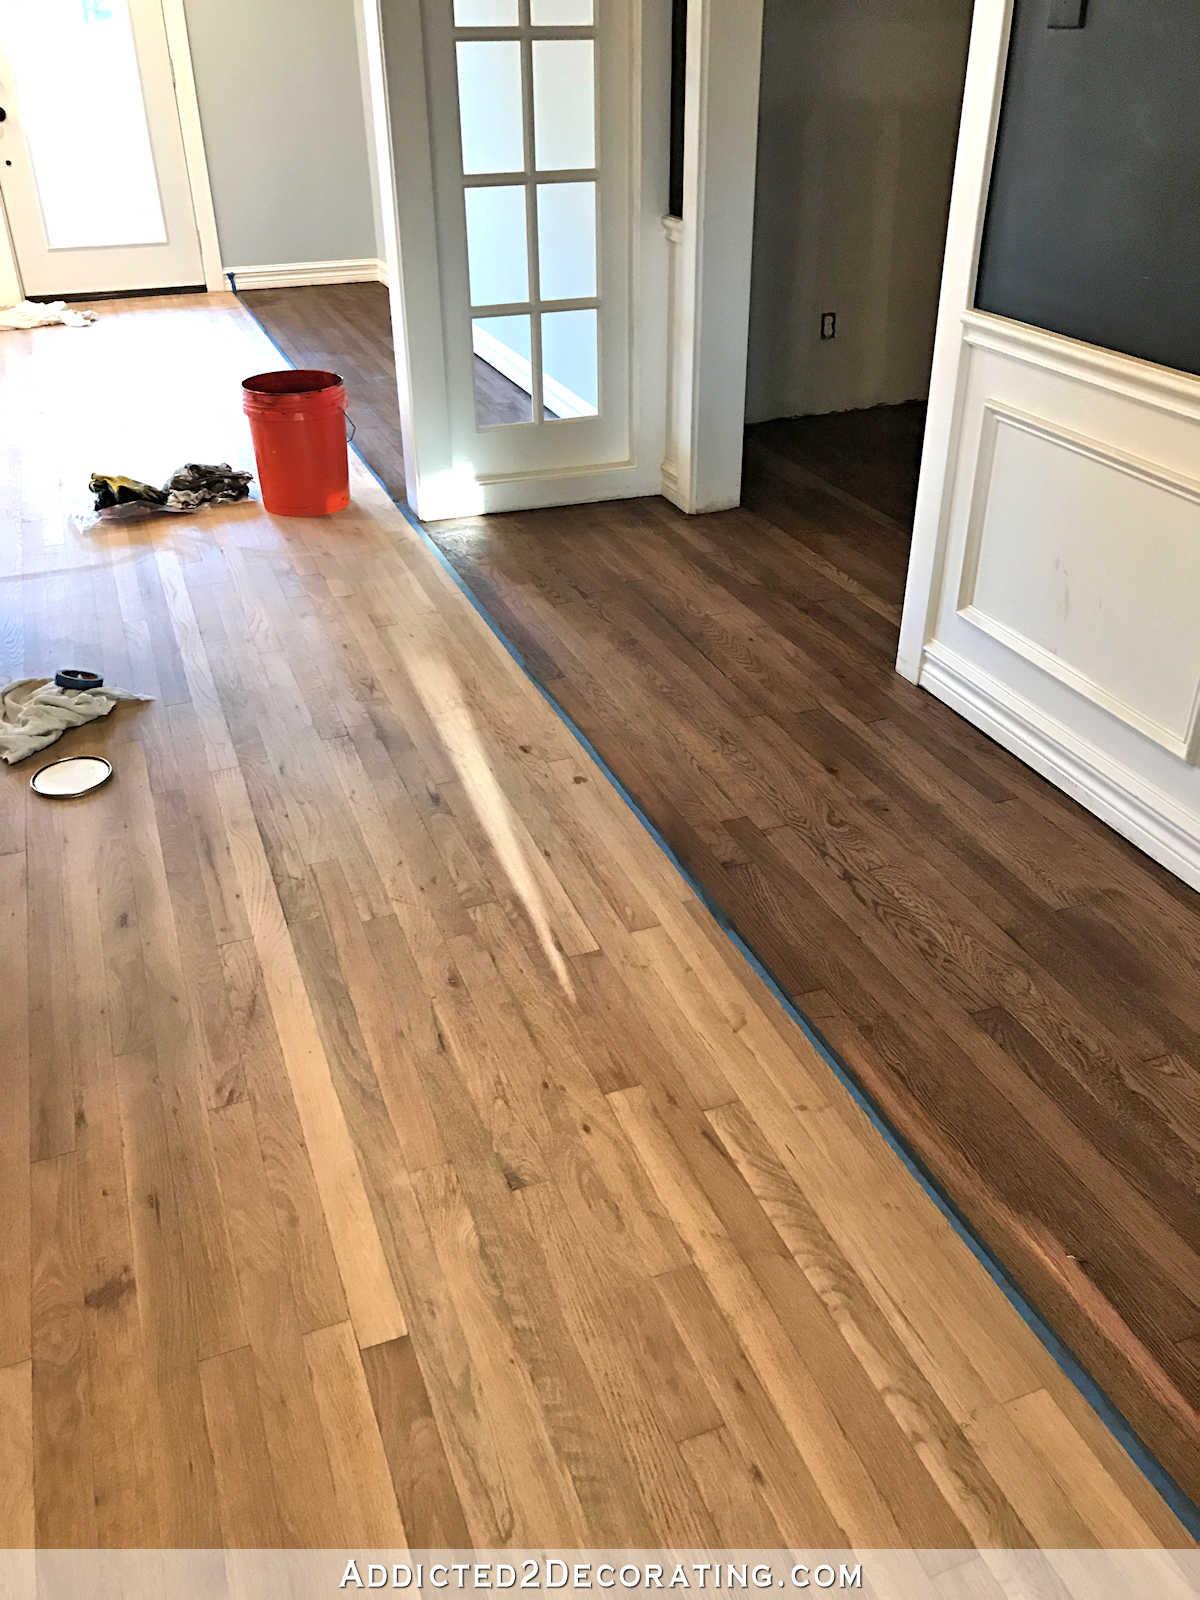 unfinished oak hardwood flooring price of adventures in staining my red oak hardwood floors products process pertaining to staining red oak hardwood floors 6 stain on partial floor in entryway and music